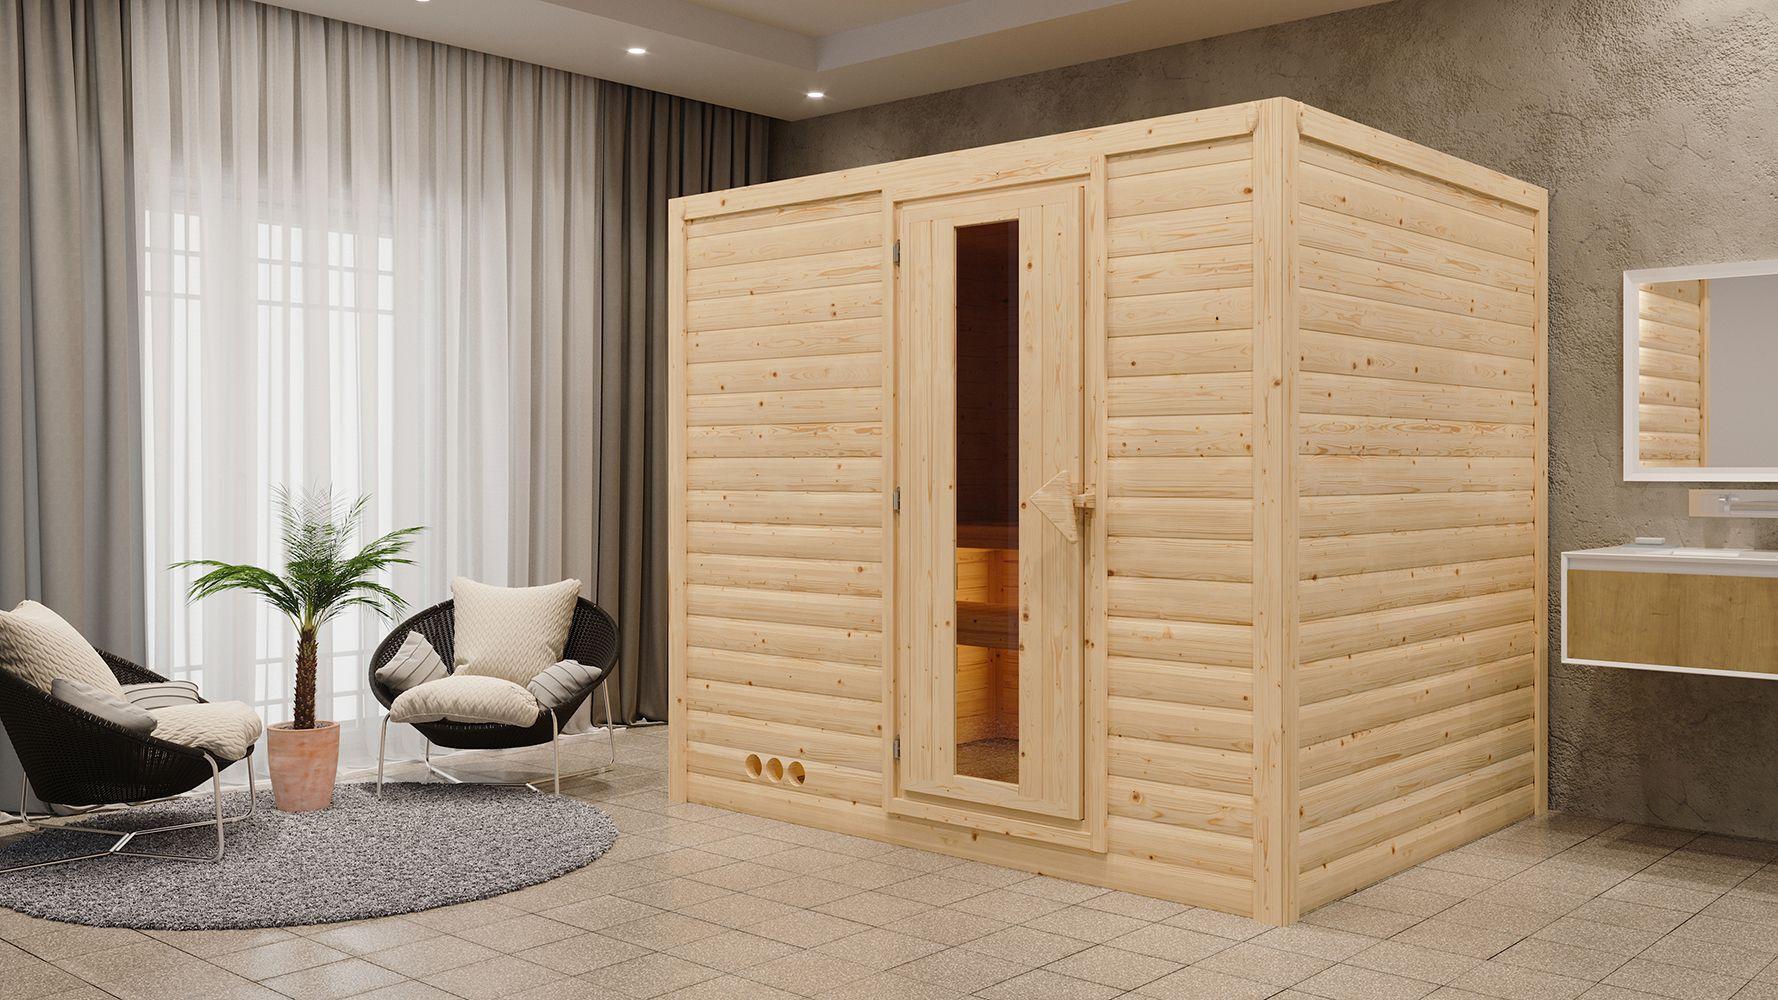 Sauna Camilia 01, 40 mm Wandstärke - 236 x 184 x 209 cm (B x T x H) - Ausführung:inkl. Ofen mit integrierter Steuerung